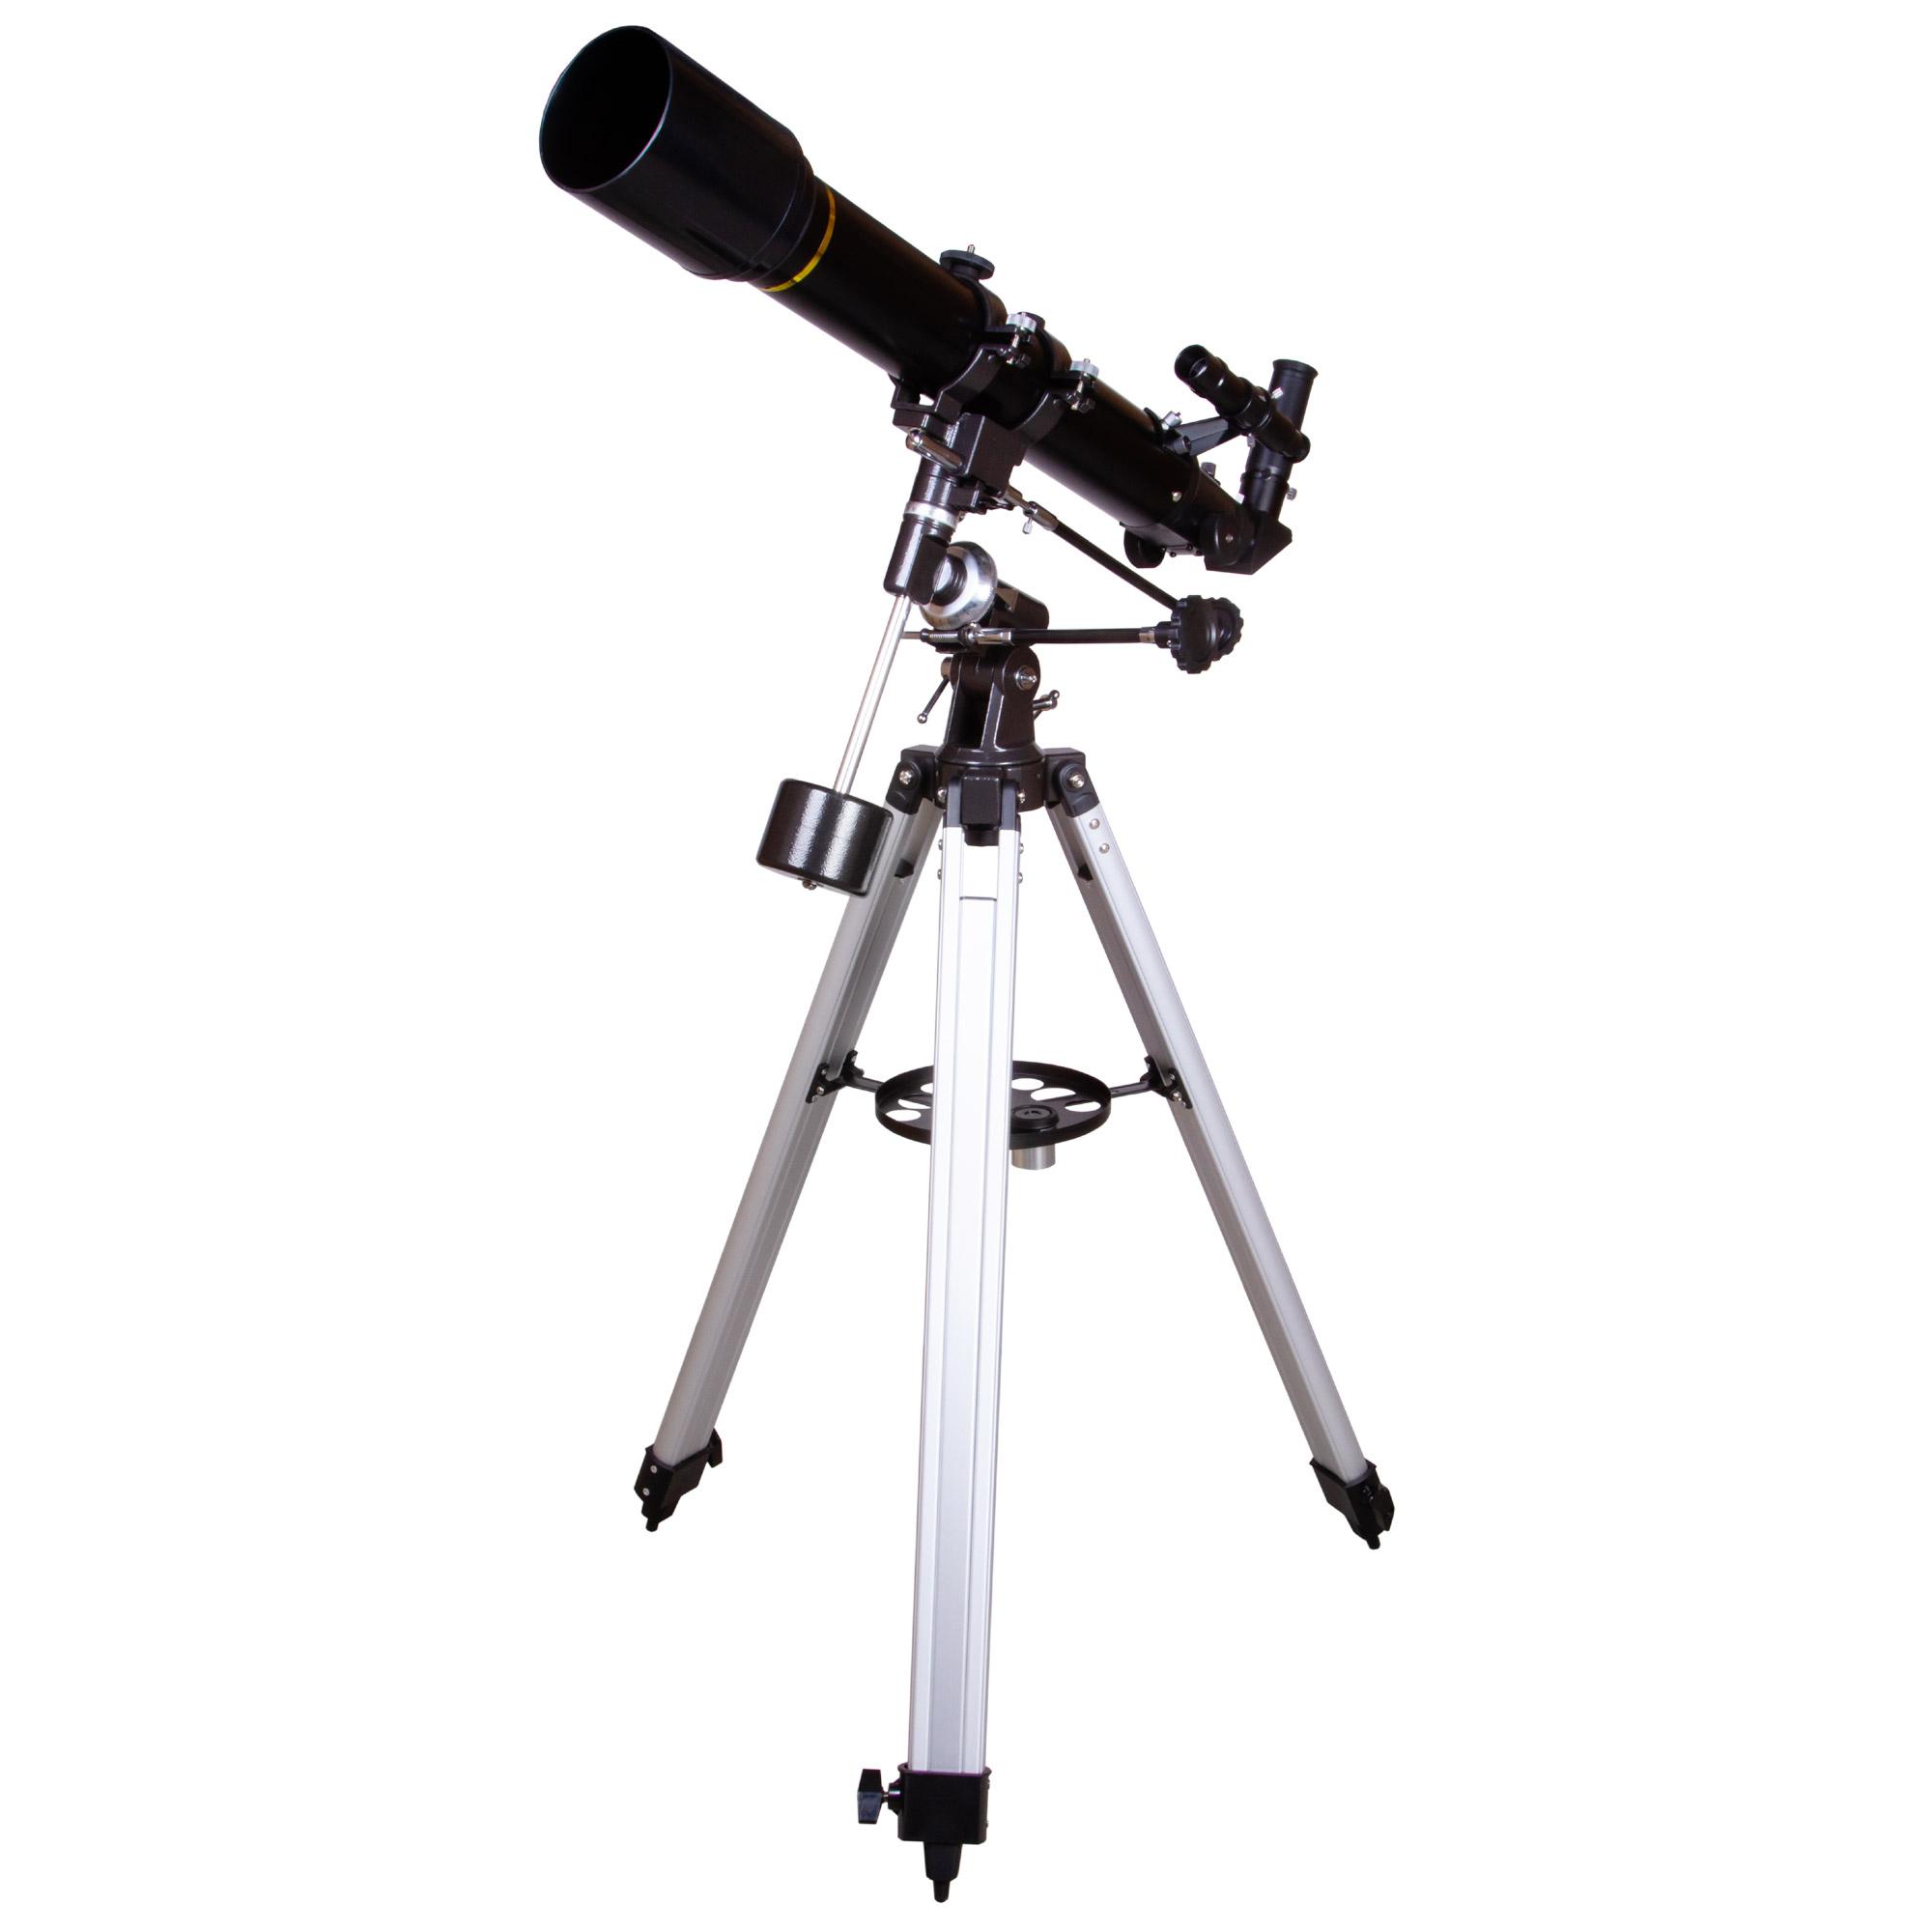 Фото - Телескоп Levenhuk Skyline PLUS 70T (+ Книга знаний «Космос. Непустая пустота» в подарок!) дефлектор капота skyline mitsubishi lancer 10 2007